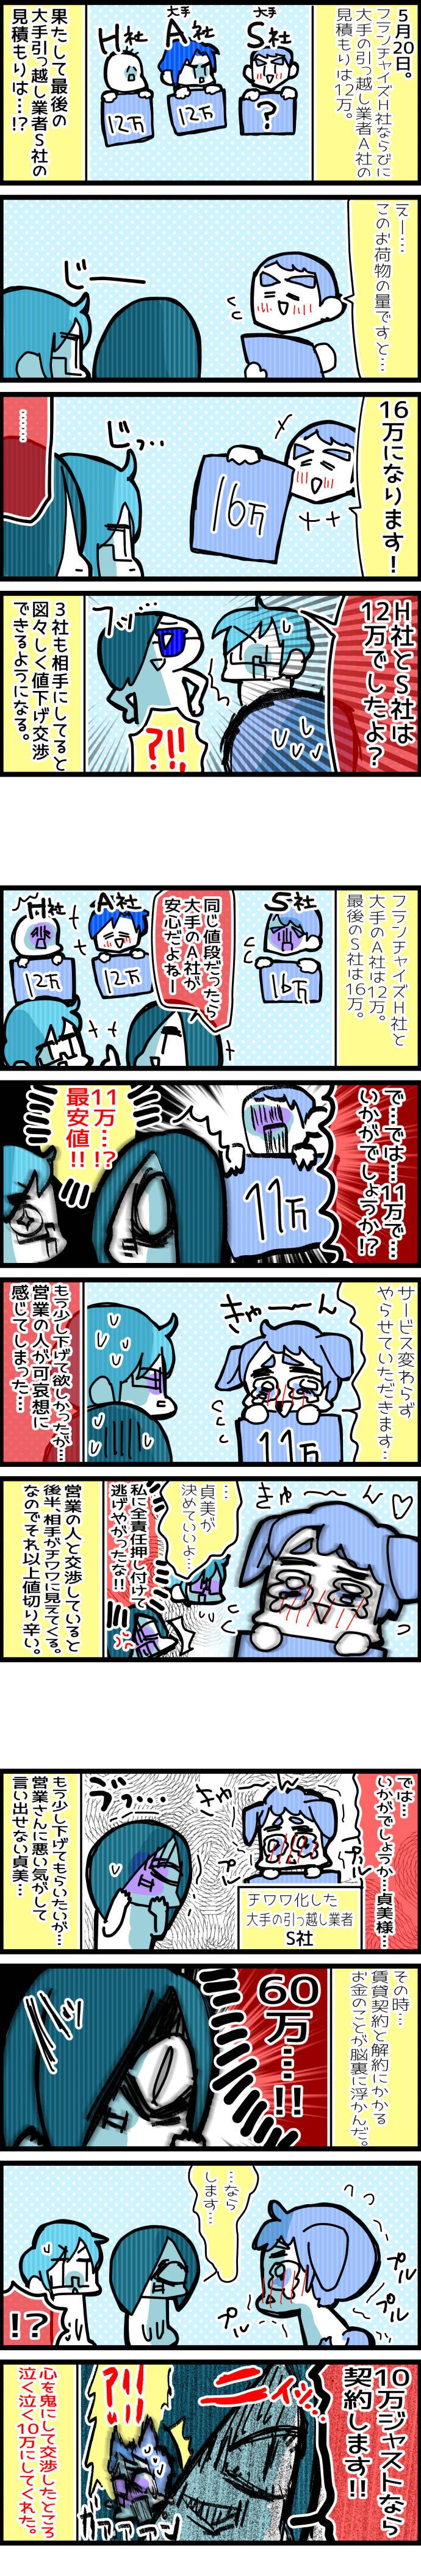 neetsadami.com_16話